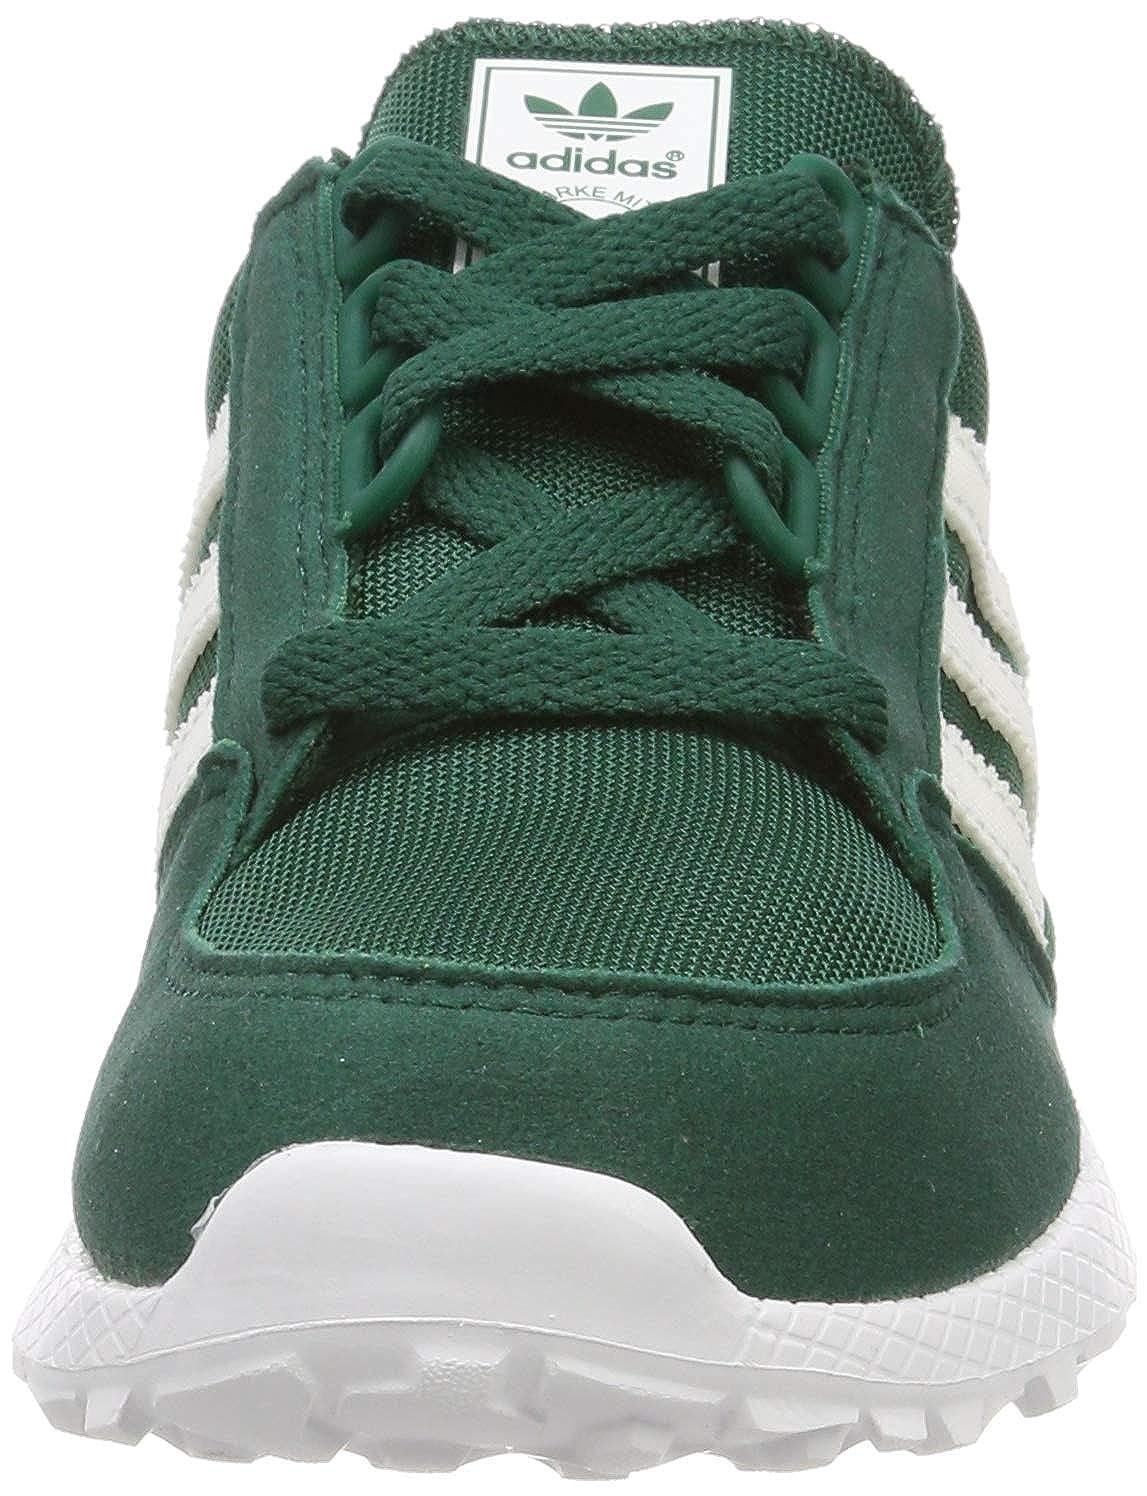 Adidas Unisex-Kinder Forest Forest Forest Grove C Fitnessschuhe B07JZPMBD8 Gymnastikschuhe Komfortabel und natürlich 1d47fe